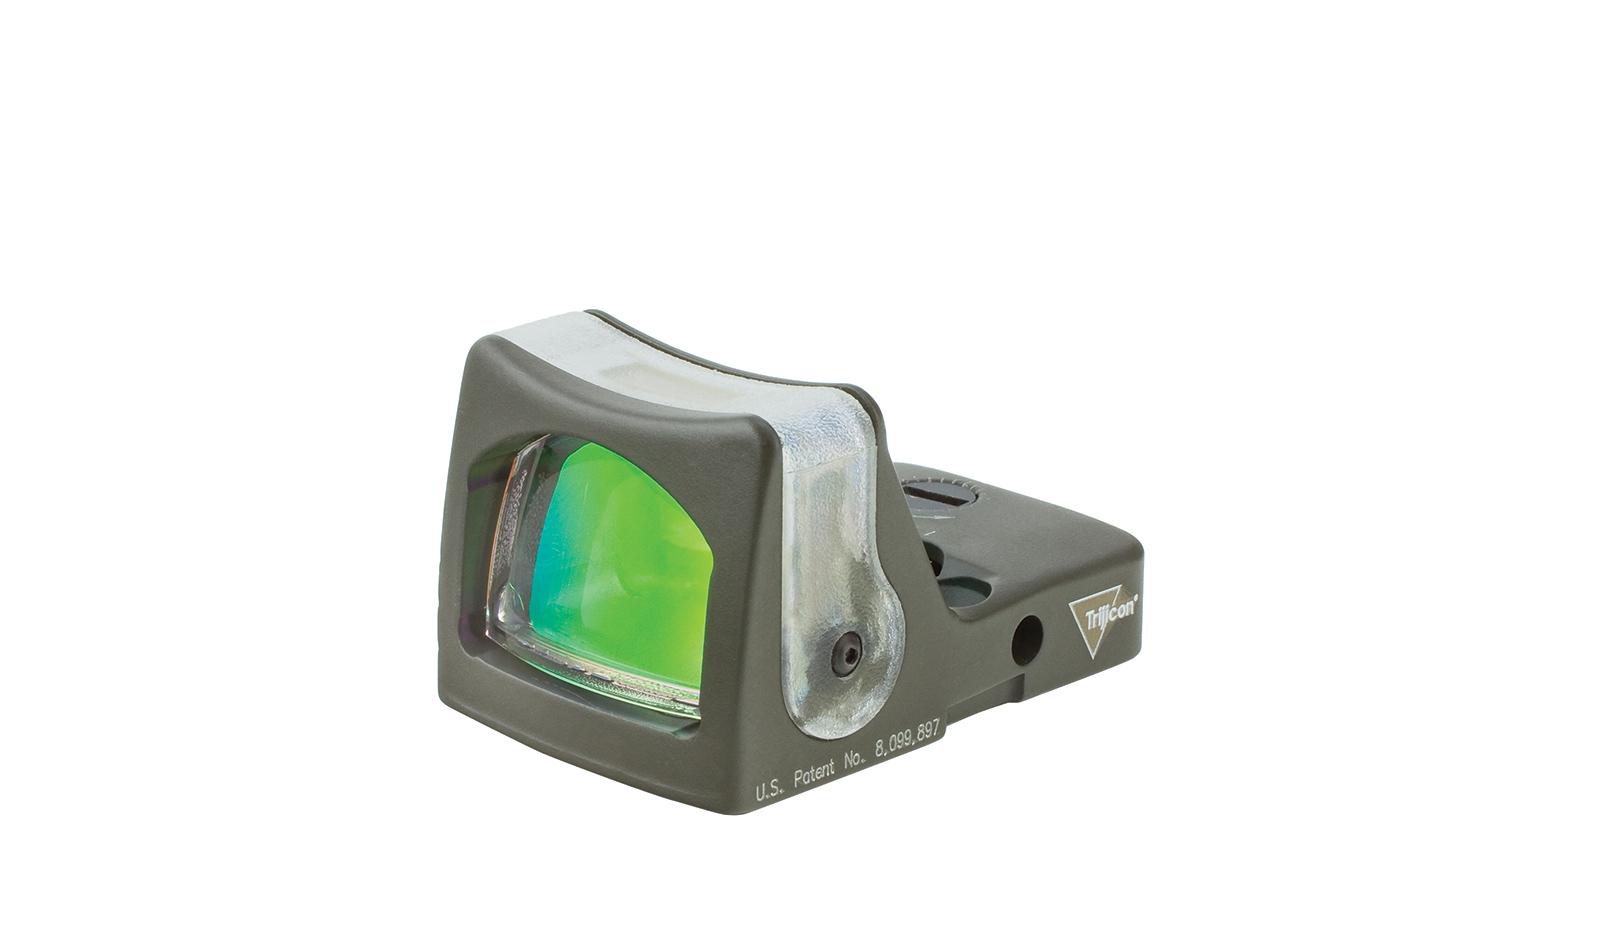 RM05-C-700188 angle 1